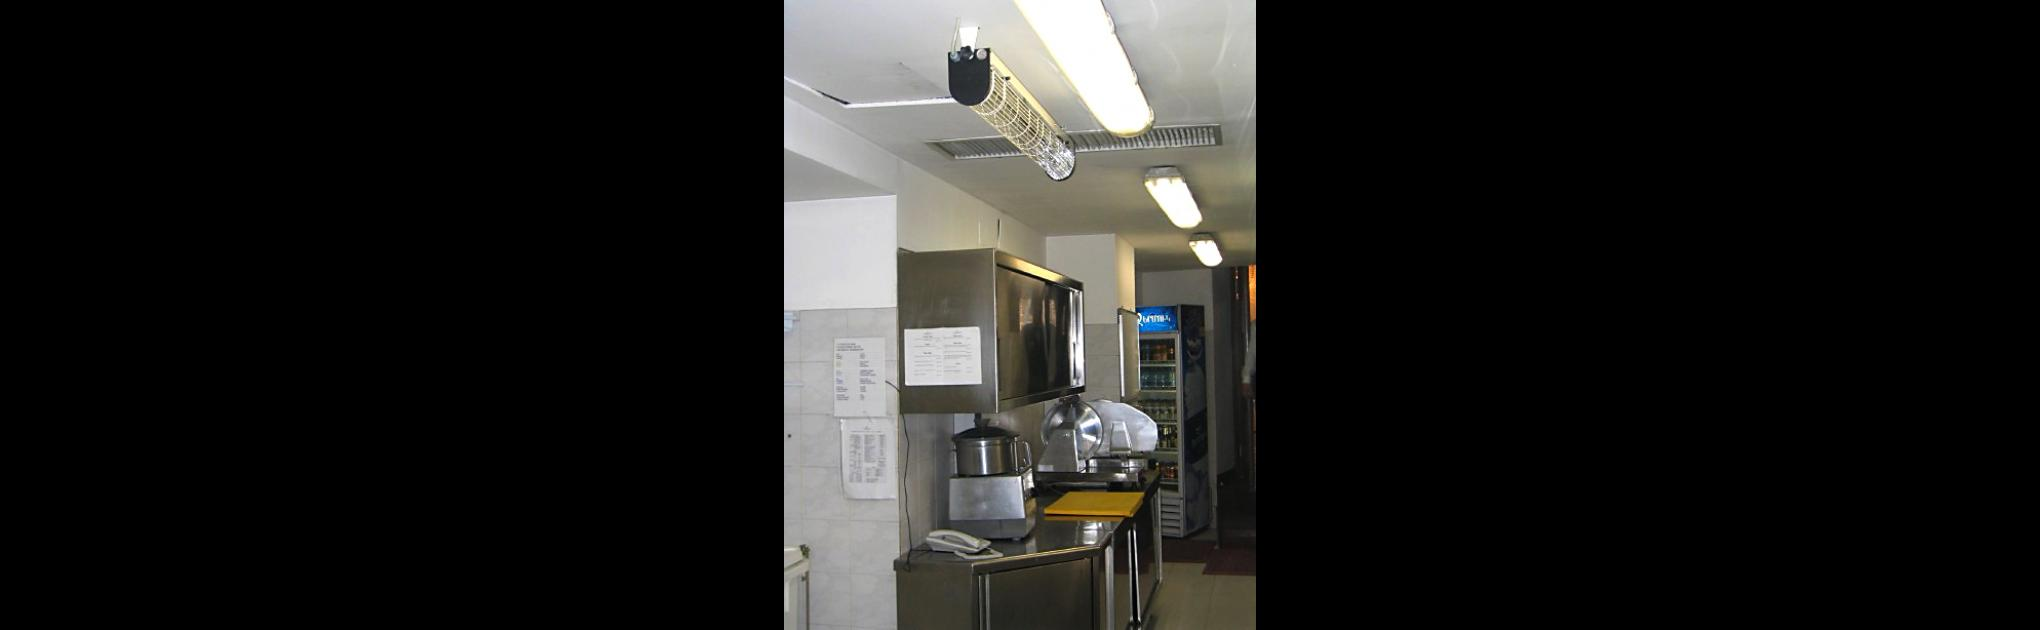 UV-DIRECT на кухне ресторана